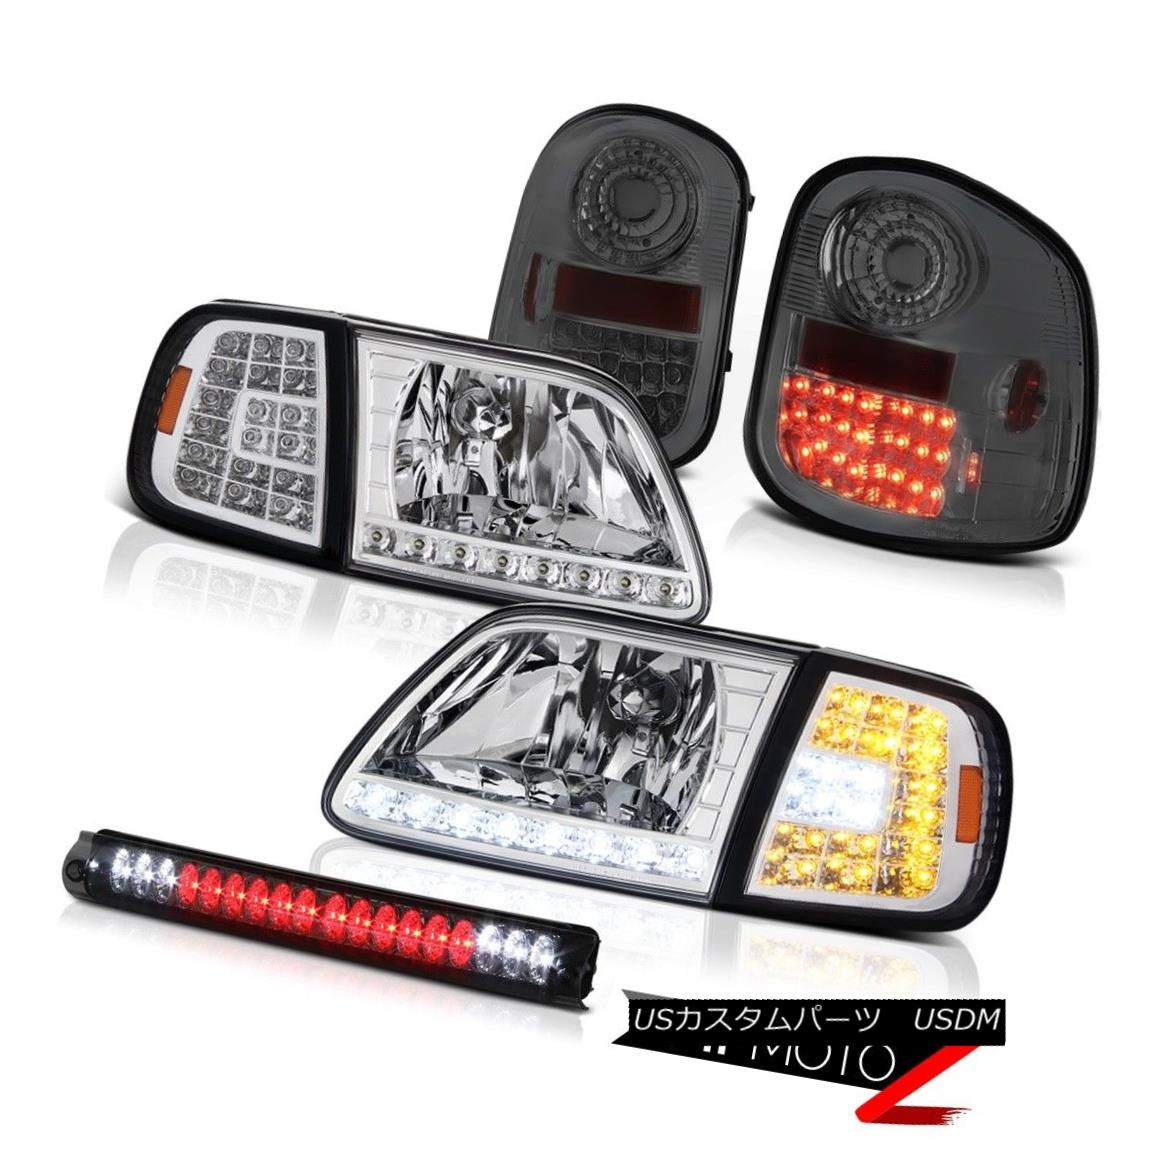 ヘッドライト Signal DRL Headlights LED Bulbs Tail Lights Roof Brake Cargo 1997-2003 F150 SVT 信号DRLヘッドライトLED電球テールライトルーフブレーキカーゴ1997-2003 F150 SVT